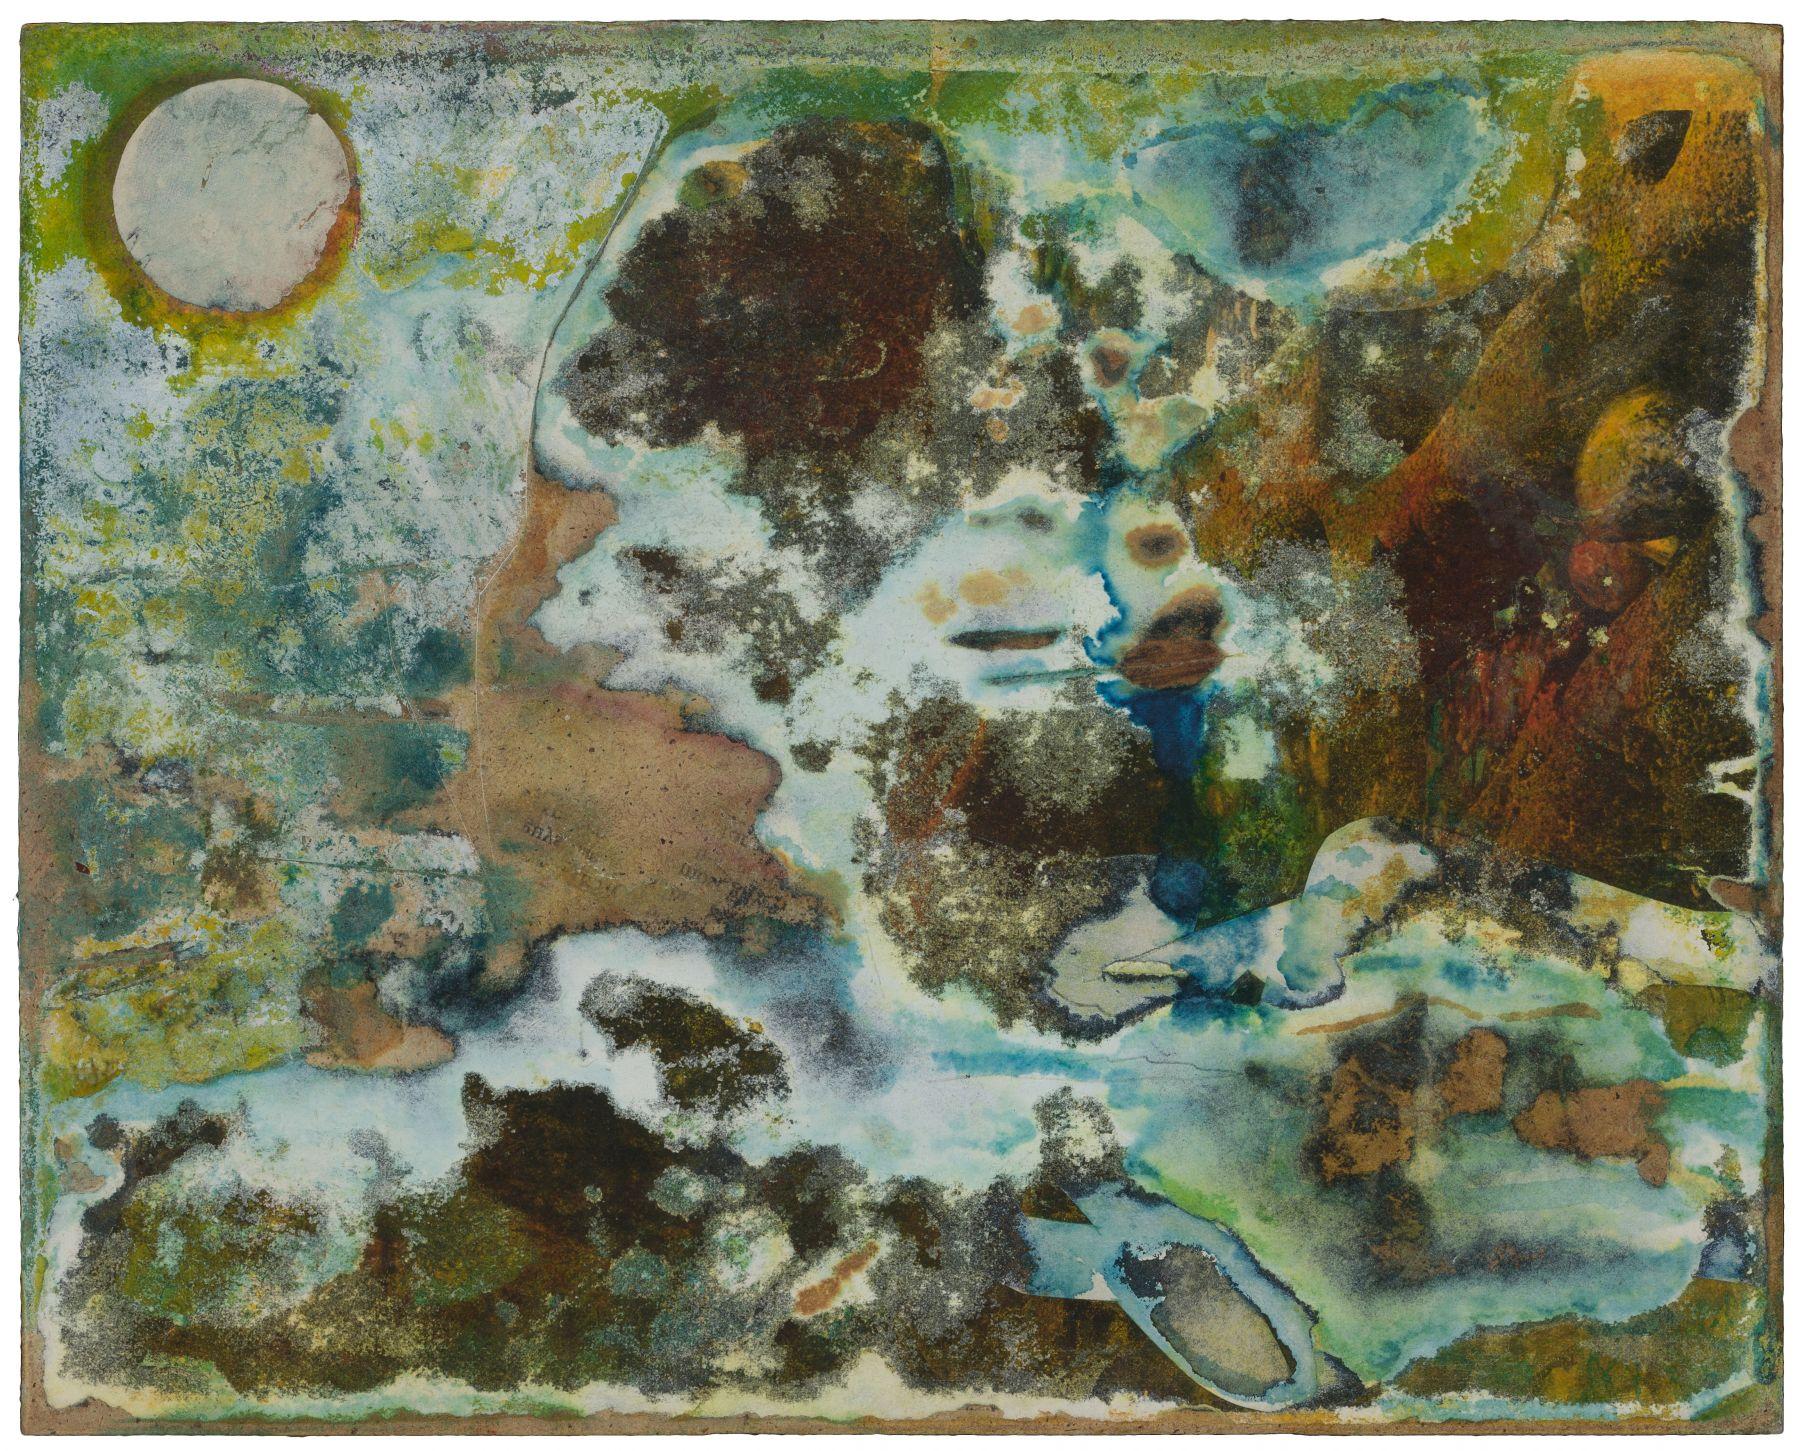 Untitled (Landscape), c. 1970s